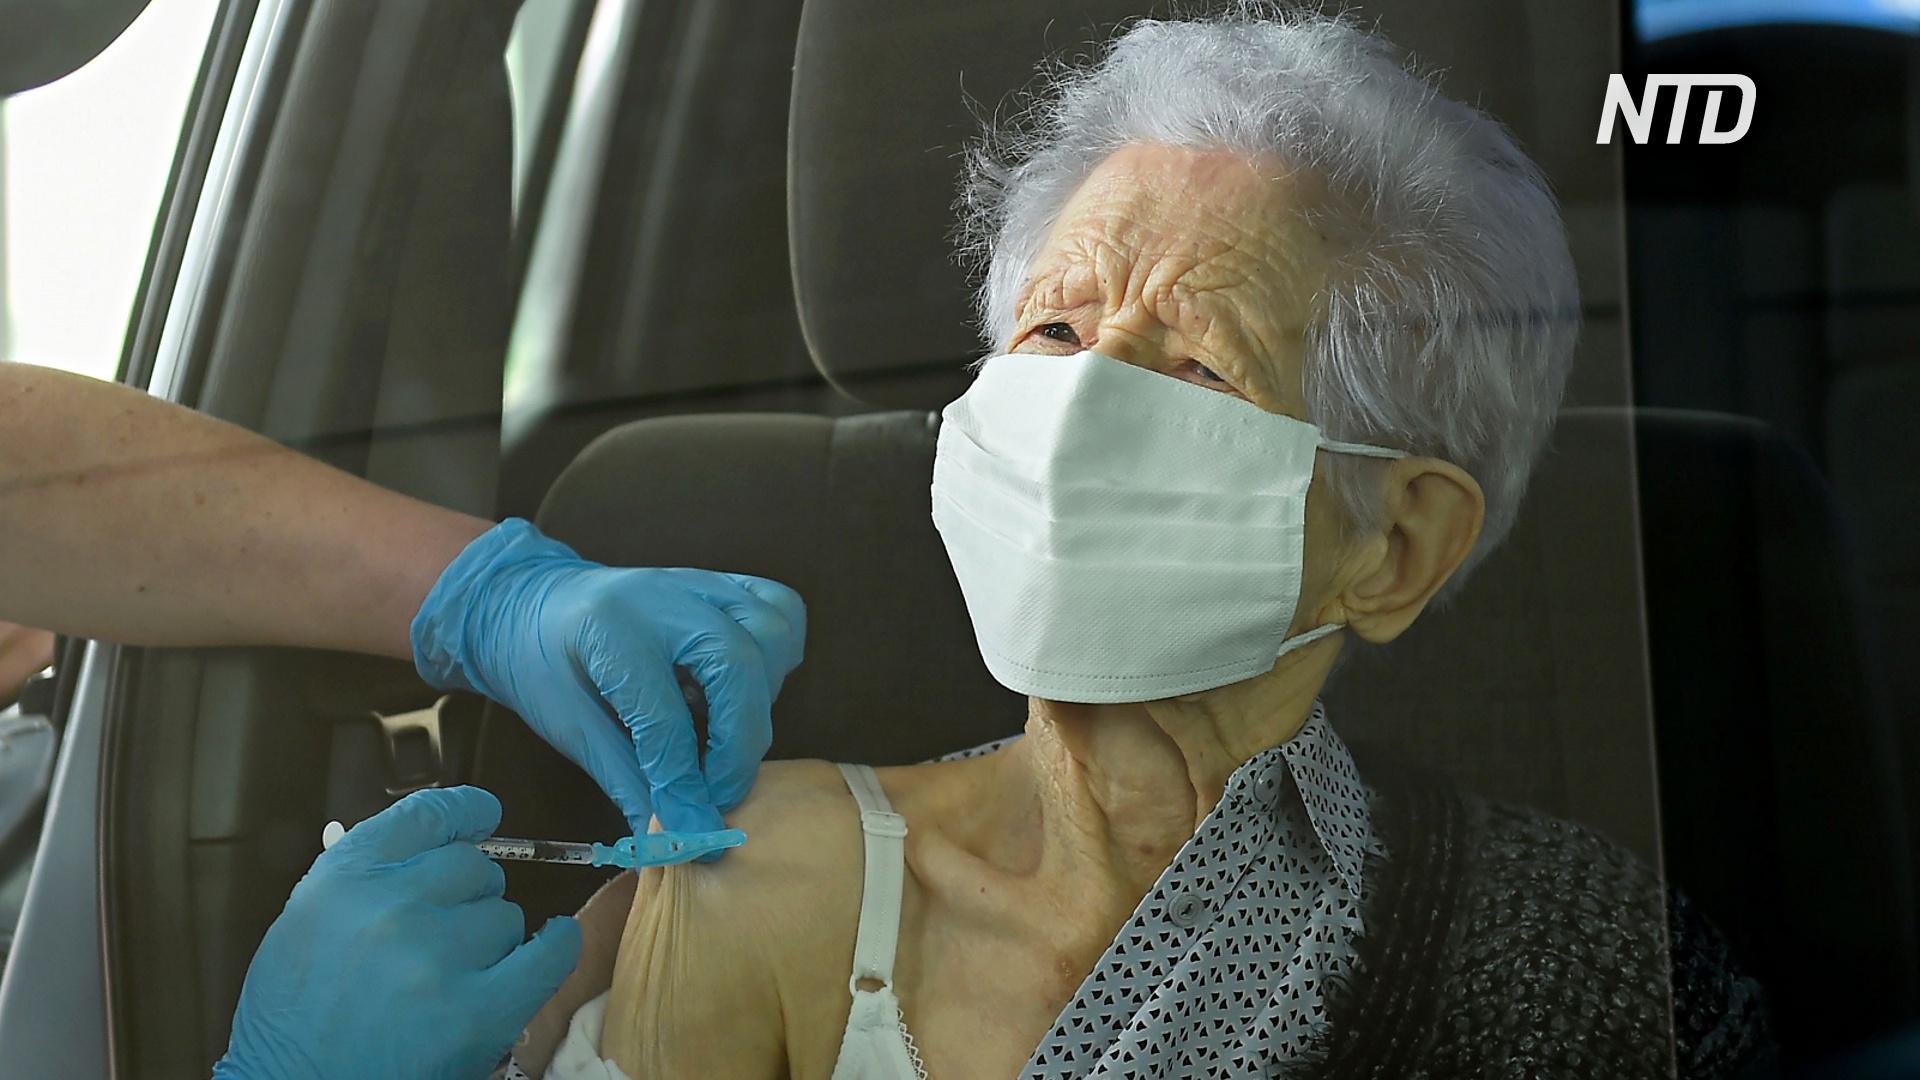 Испанцы старше 100 лет могут вакцинироваться от коронавируса не выходя из машины